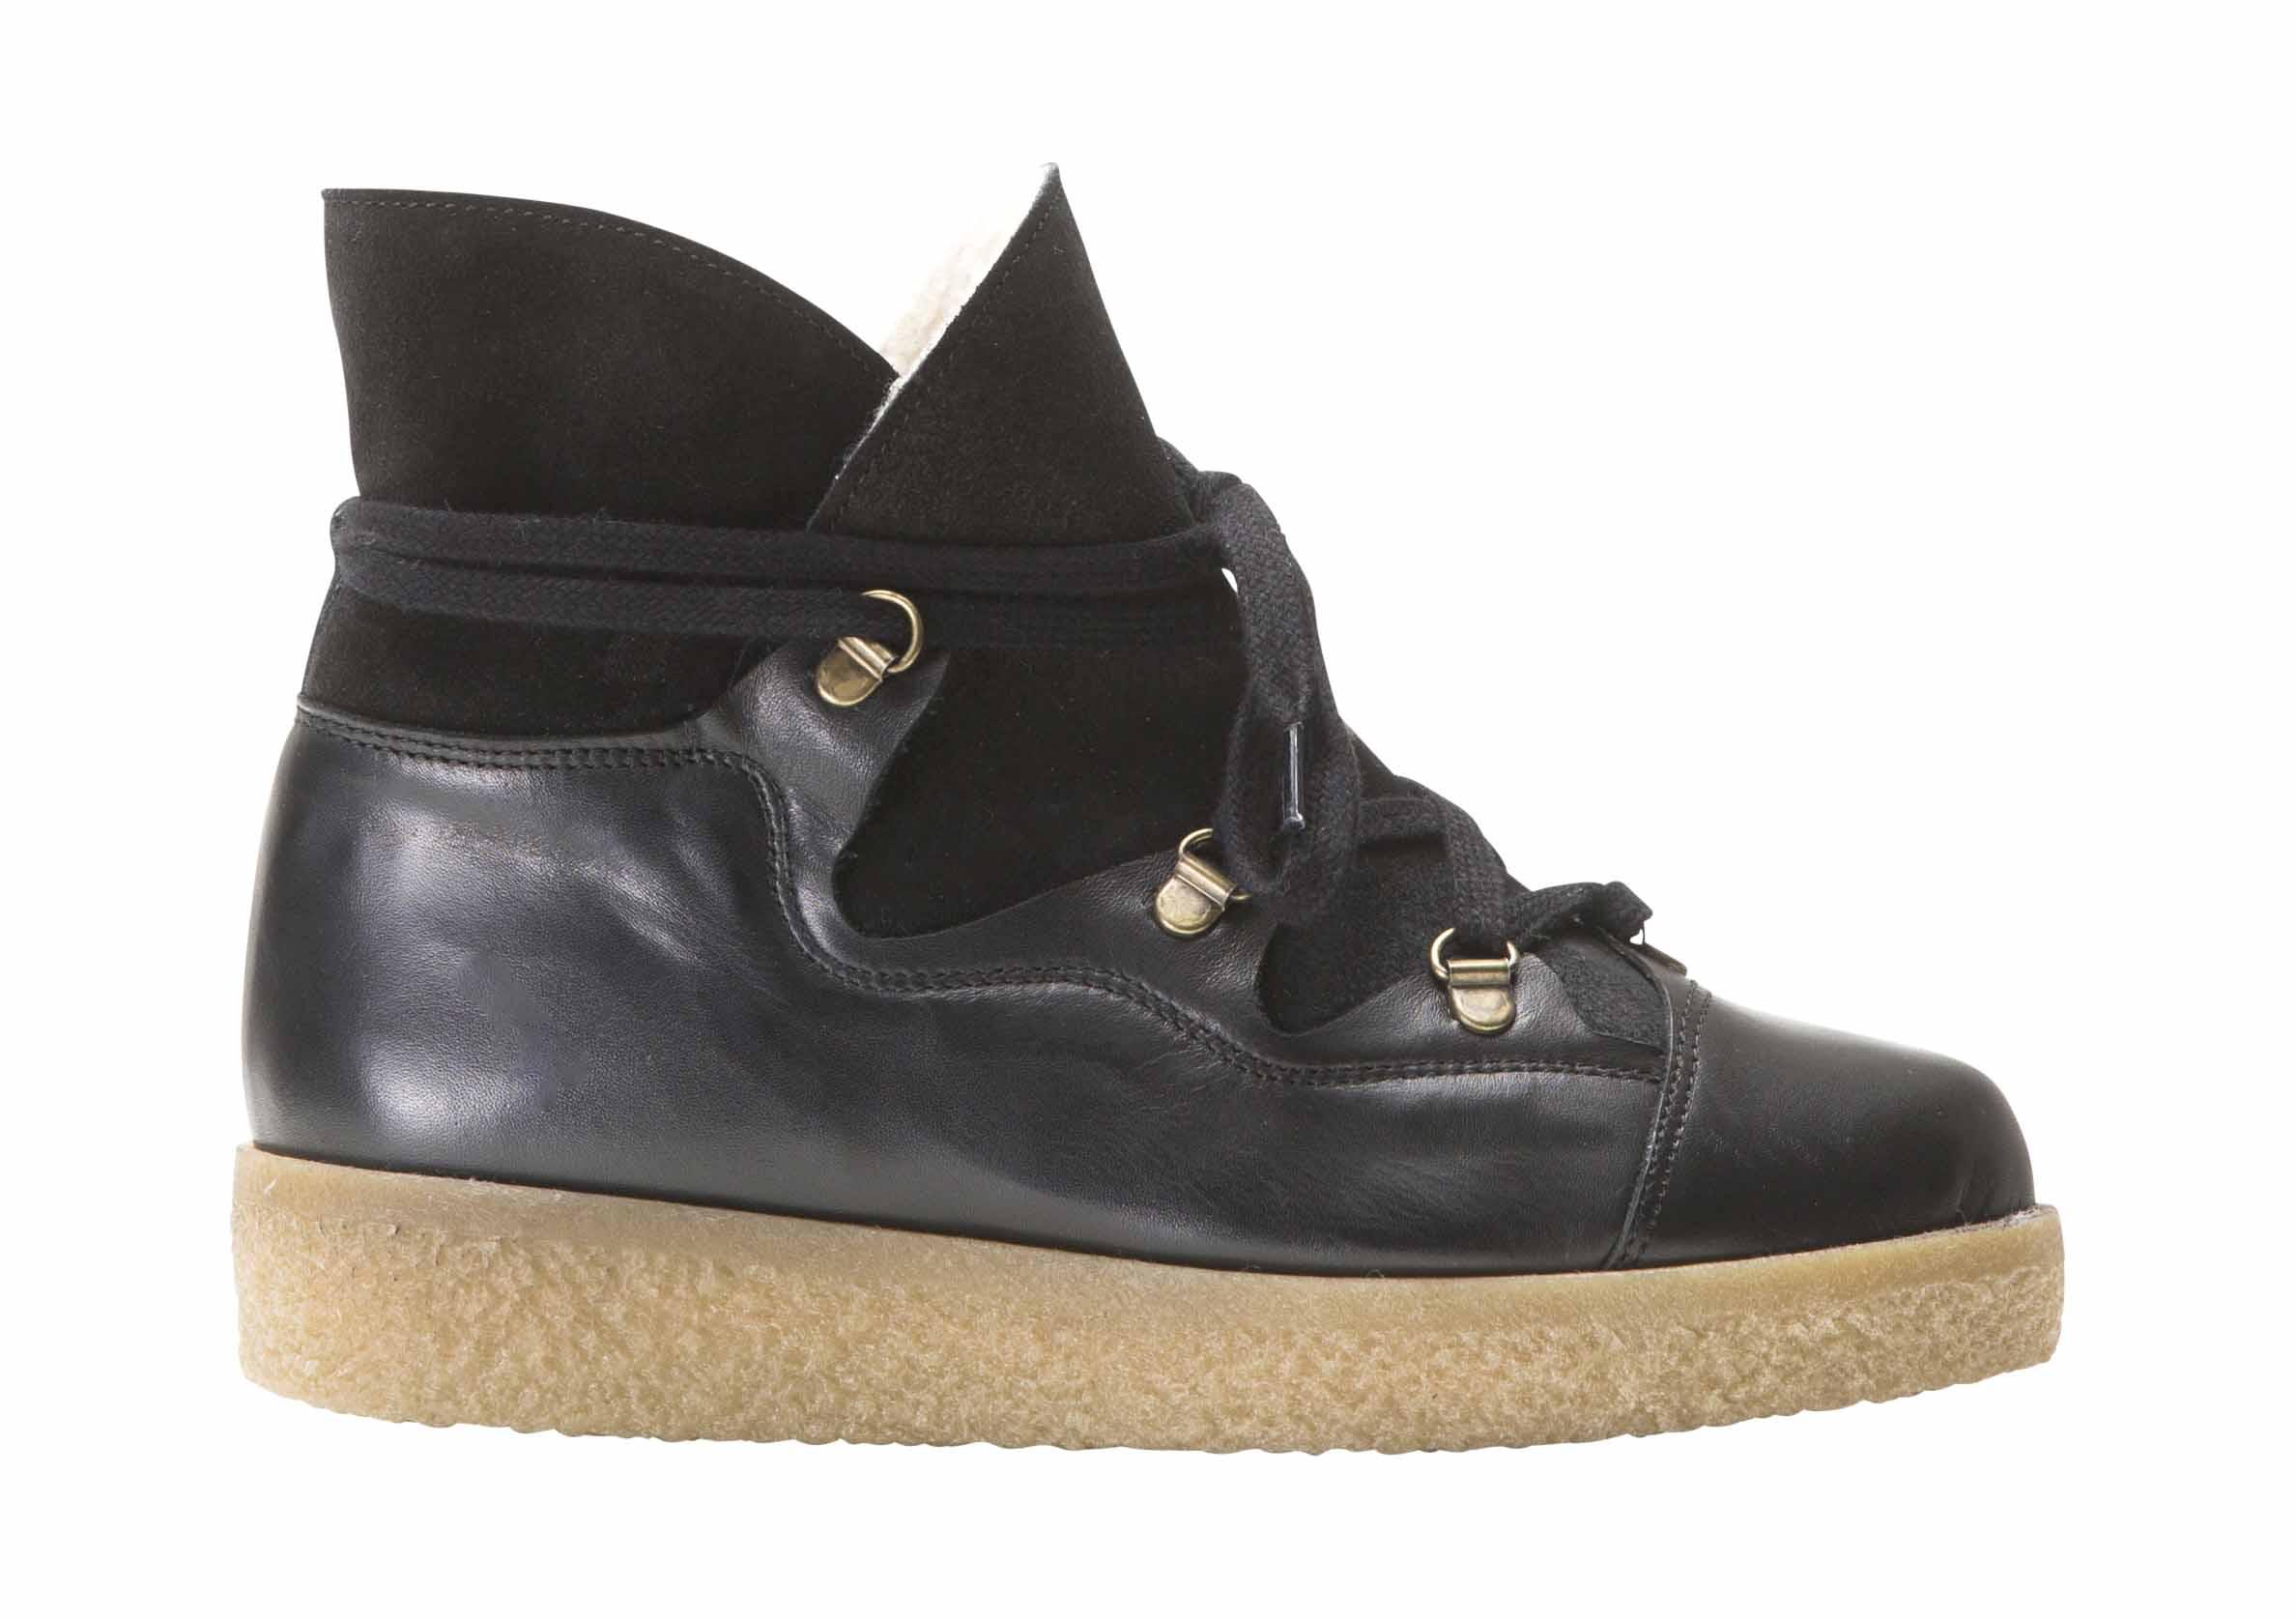 Billede af Ganni støvler, S0376, sort